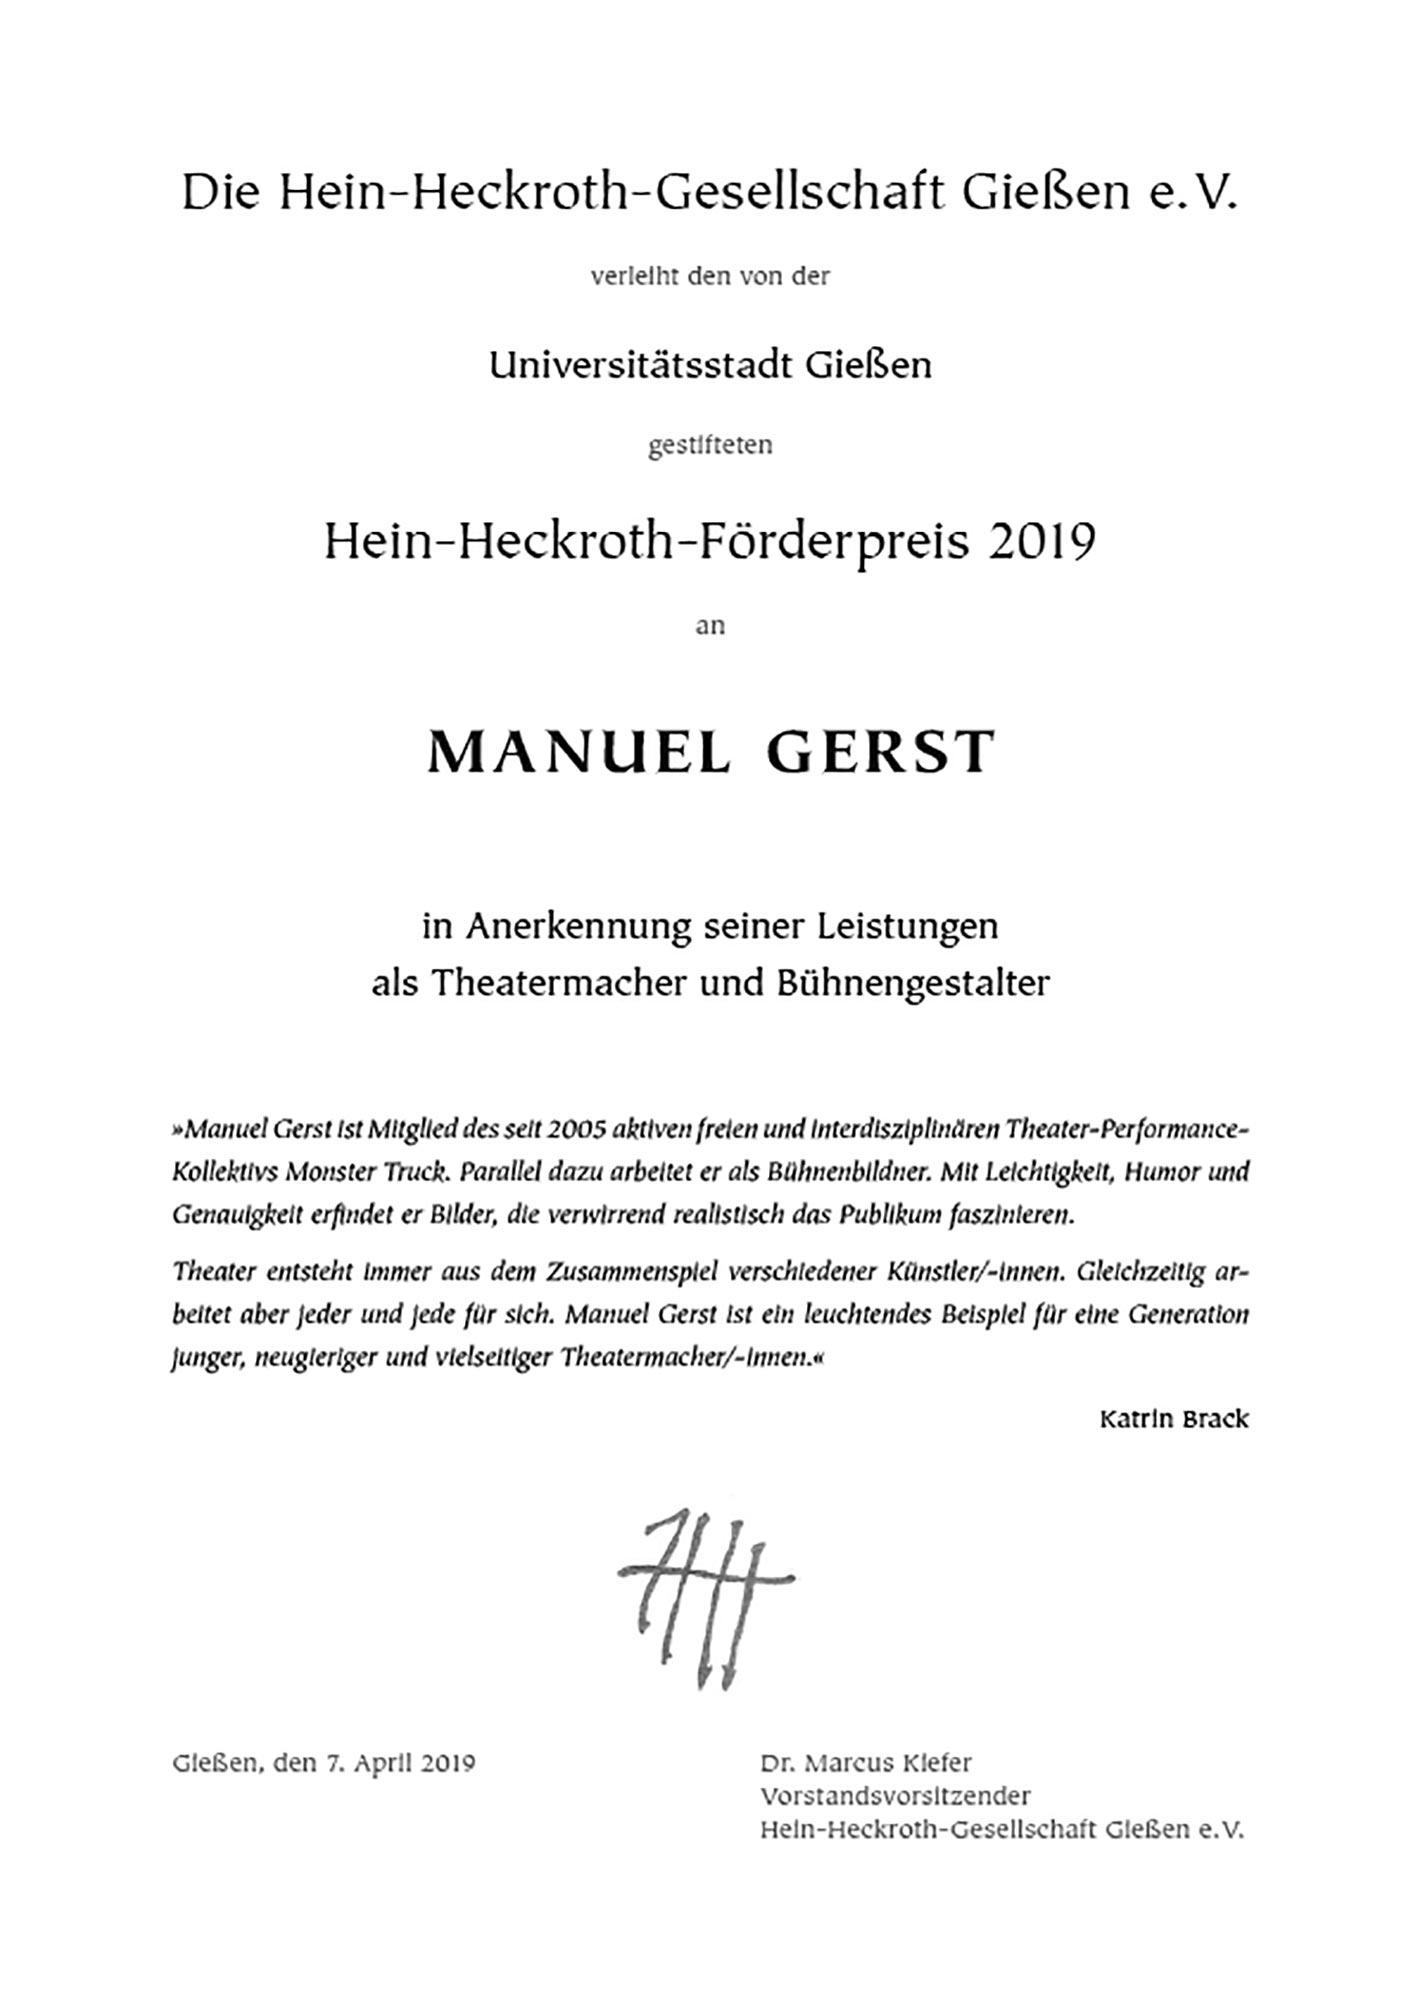 15-Urkunde-Gerst-2.jpg